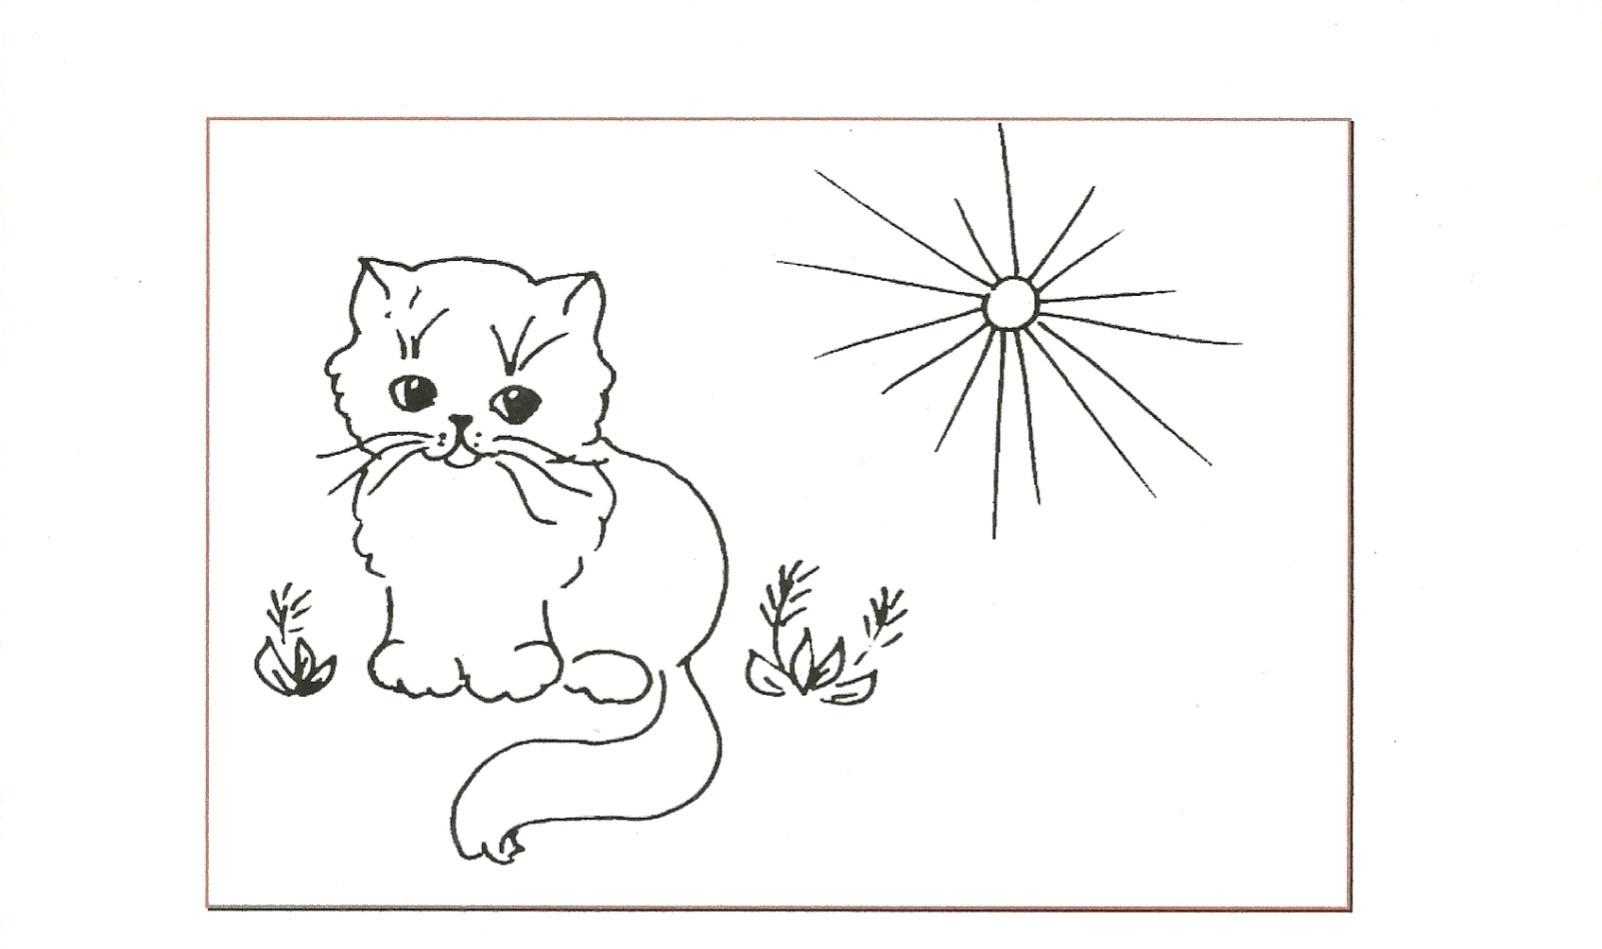 C:\Documents and Settings\Admin\Мои документы\Мои рисунки\Мои сканированные изображения\2013-01 (янв)\сканирование0001.jpg